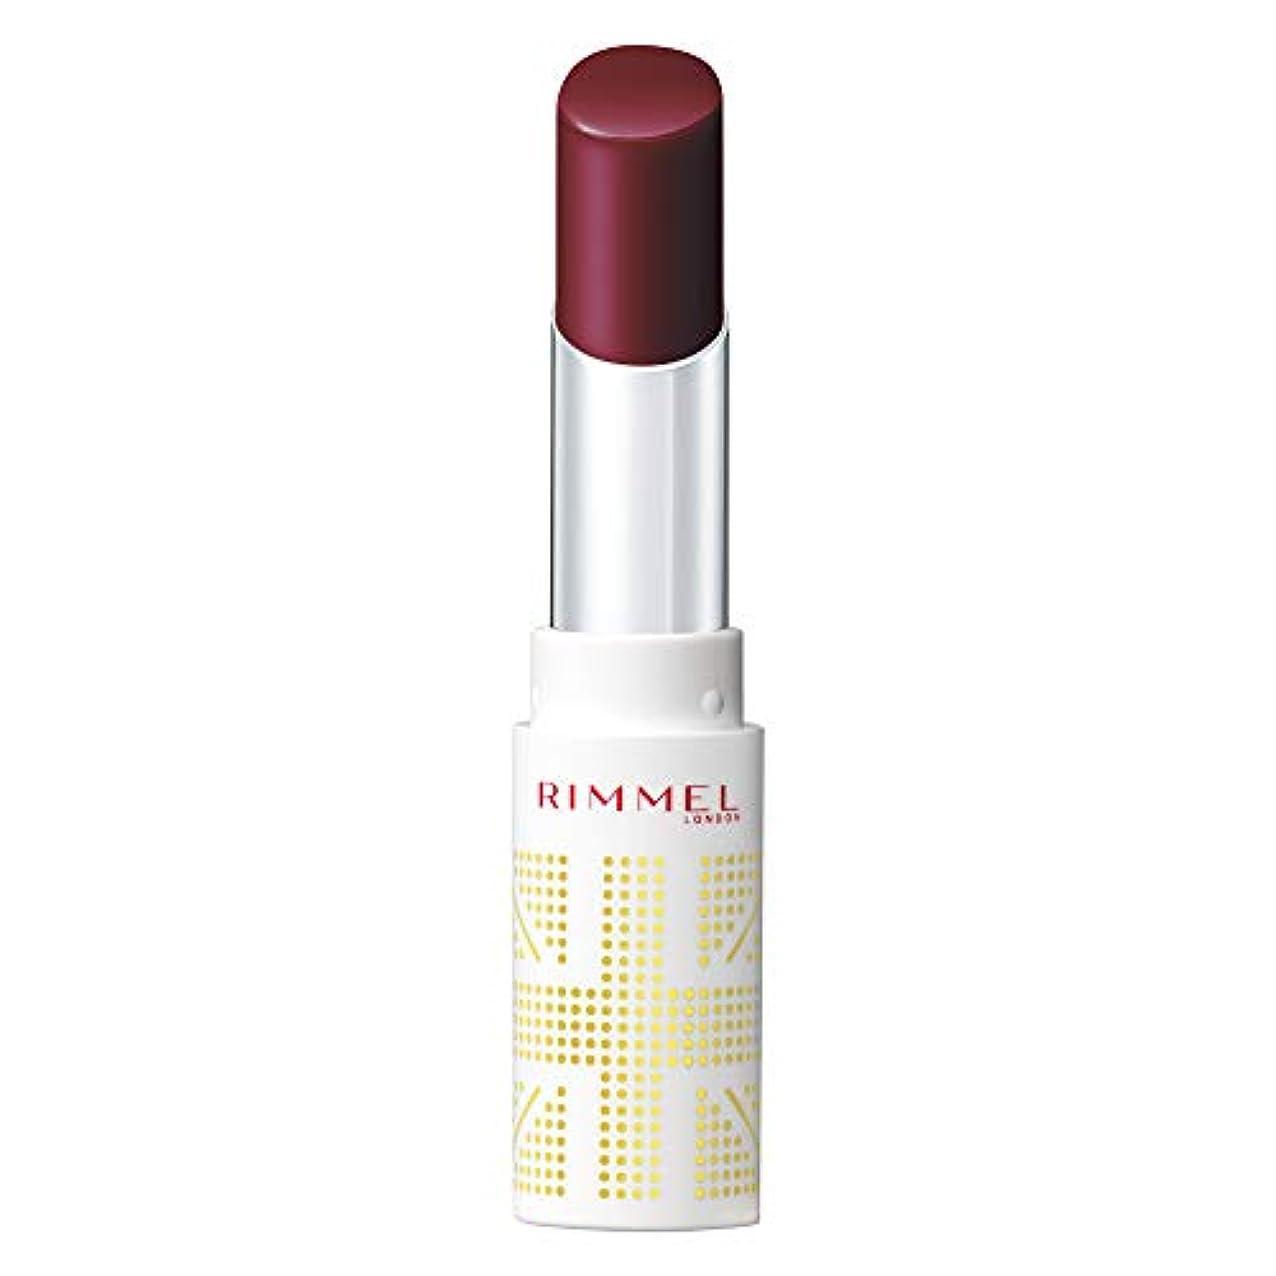 外向き遮る主流Rimmel (リンメル) リンメル ラスティングフィニッシュ オイルティントリップ 006 バーガンディ 3.8g 口紅